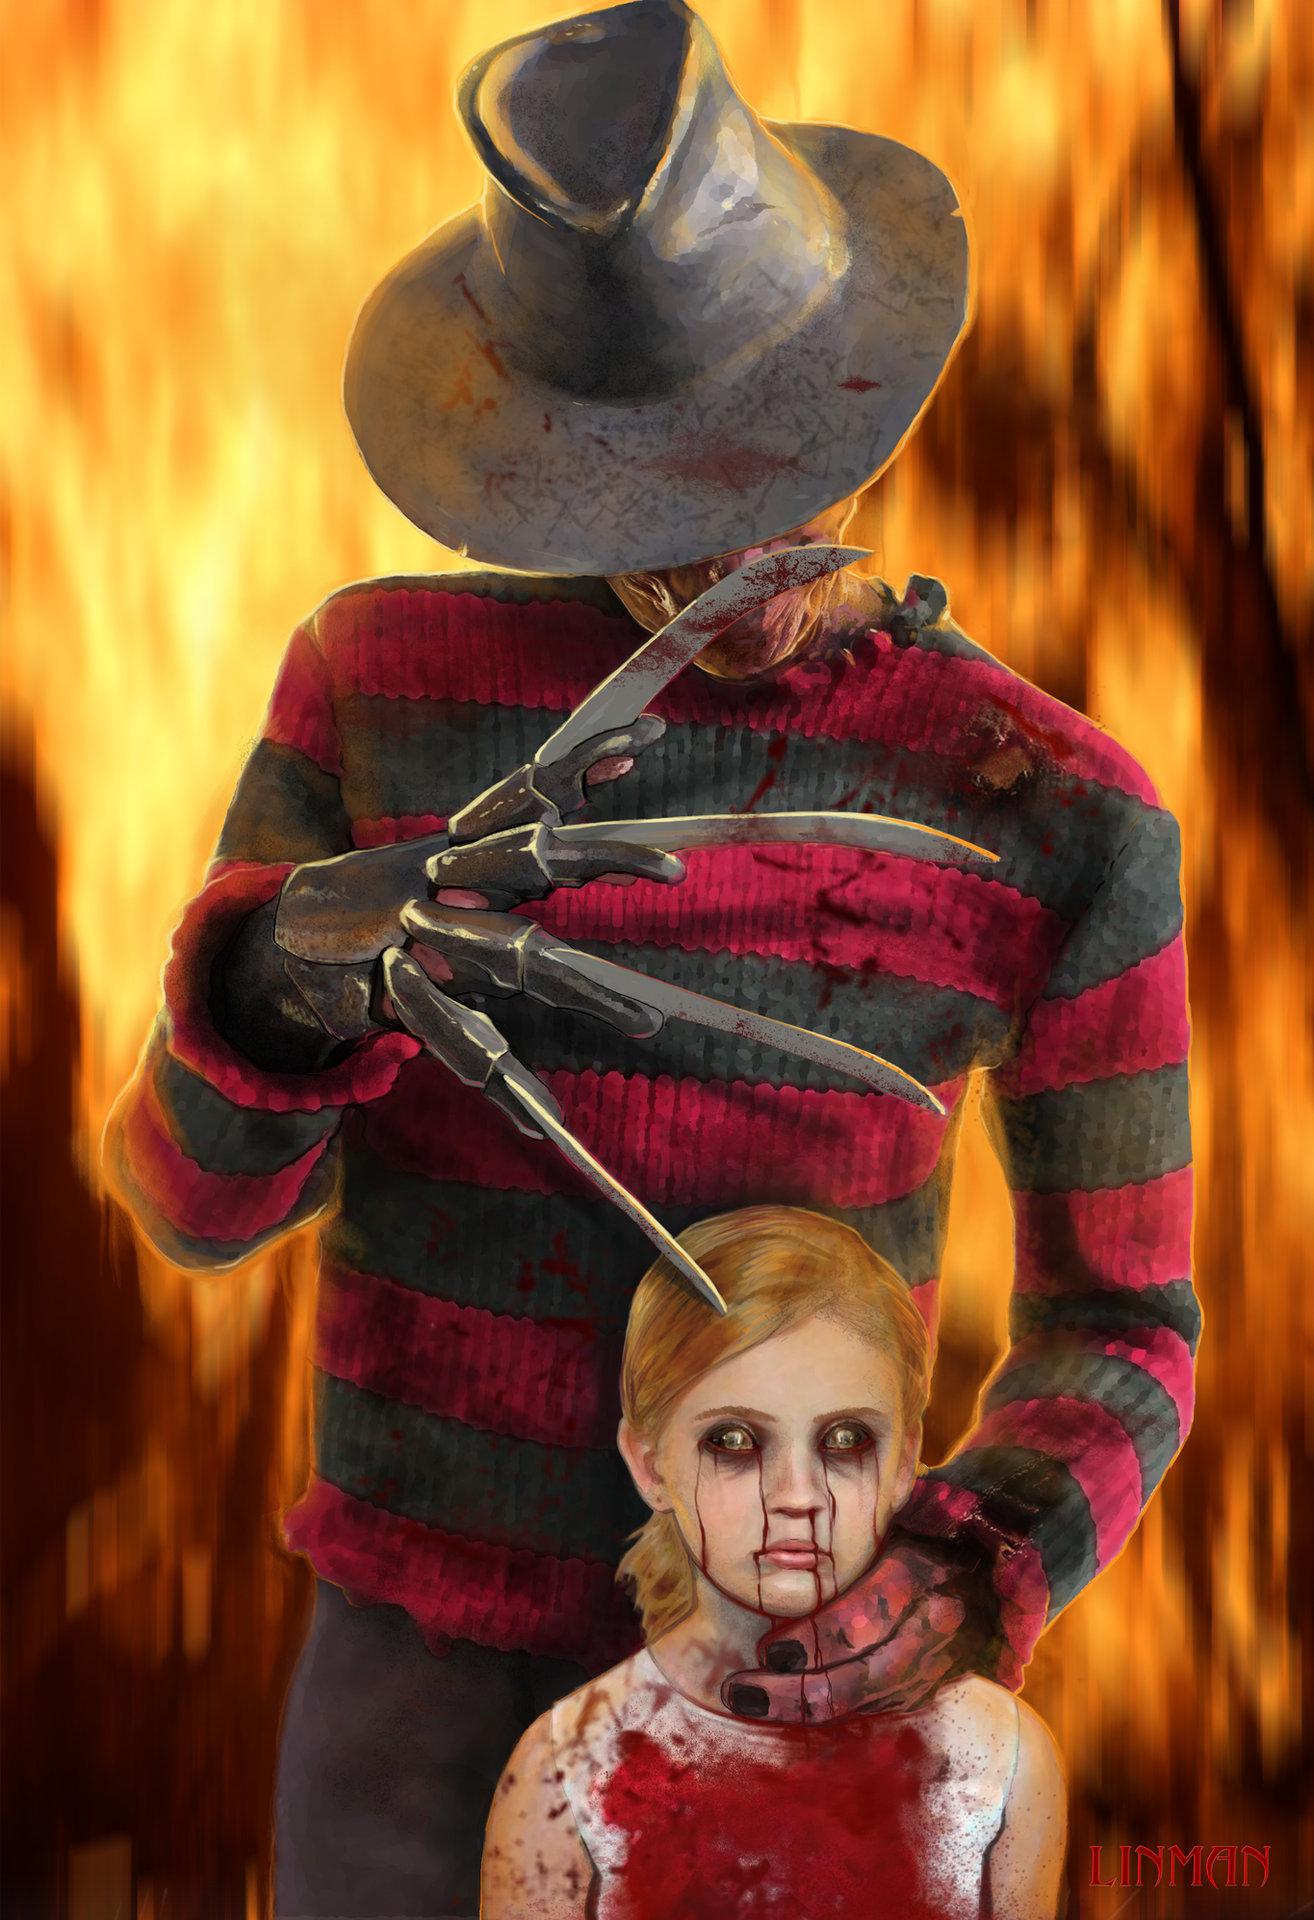 Freddyweb